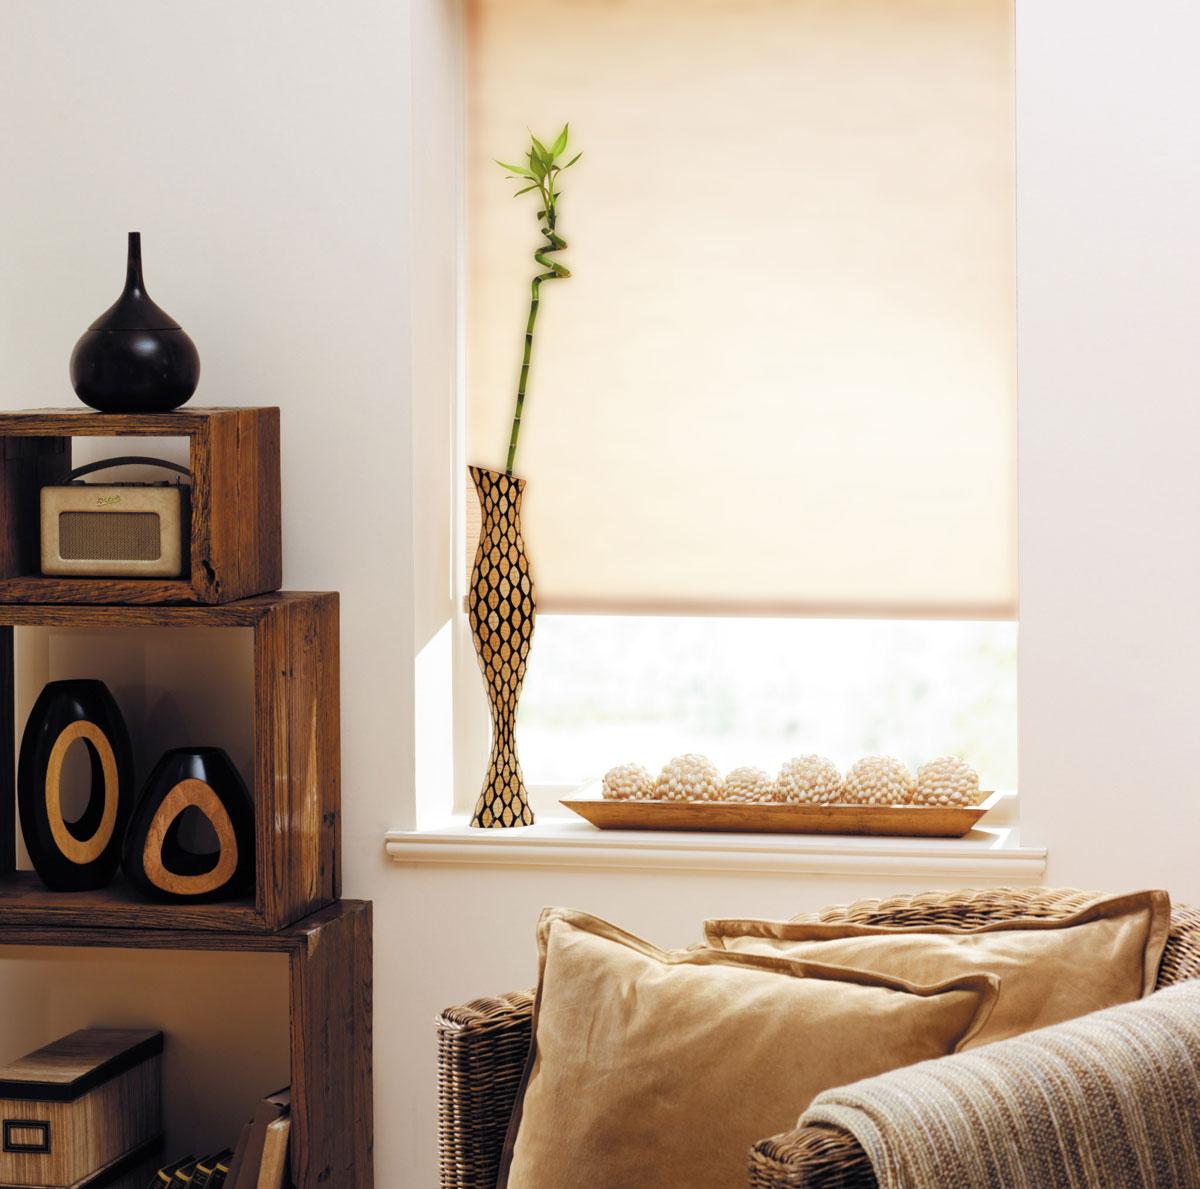 Миниролло KauffOrt 73х170 см, цвет: бежевый лен3073409Рулонная штора Миниролло выполнена из высокопрочной ткани бежевого цвета, которая сохраняет свой размер даже при намокании. Ткань не выцветает и обладает отличной цветоустойчивостью. Миниролло - это подвид рулонных штор, который закрывает не весь оконный проем, а непосредственно само стекло. Такие шторы крепятся на раму без сверления при помощи зажимов или клейкой двухсторонней ленты. Окно остаётся на гарантии, благодаря монтажу без сверления. Такая штора станет прекрасным элементом декора окна и гармонично впишется в интерьер любого помещения.